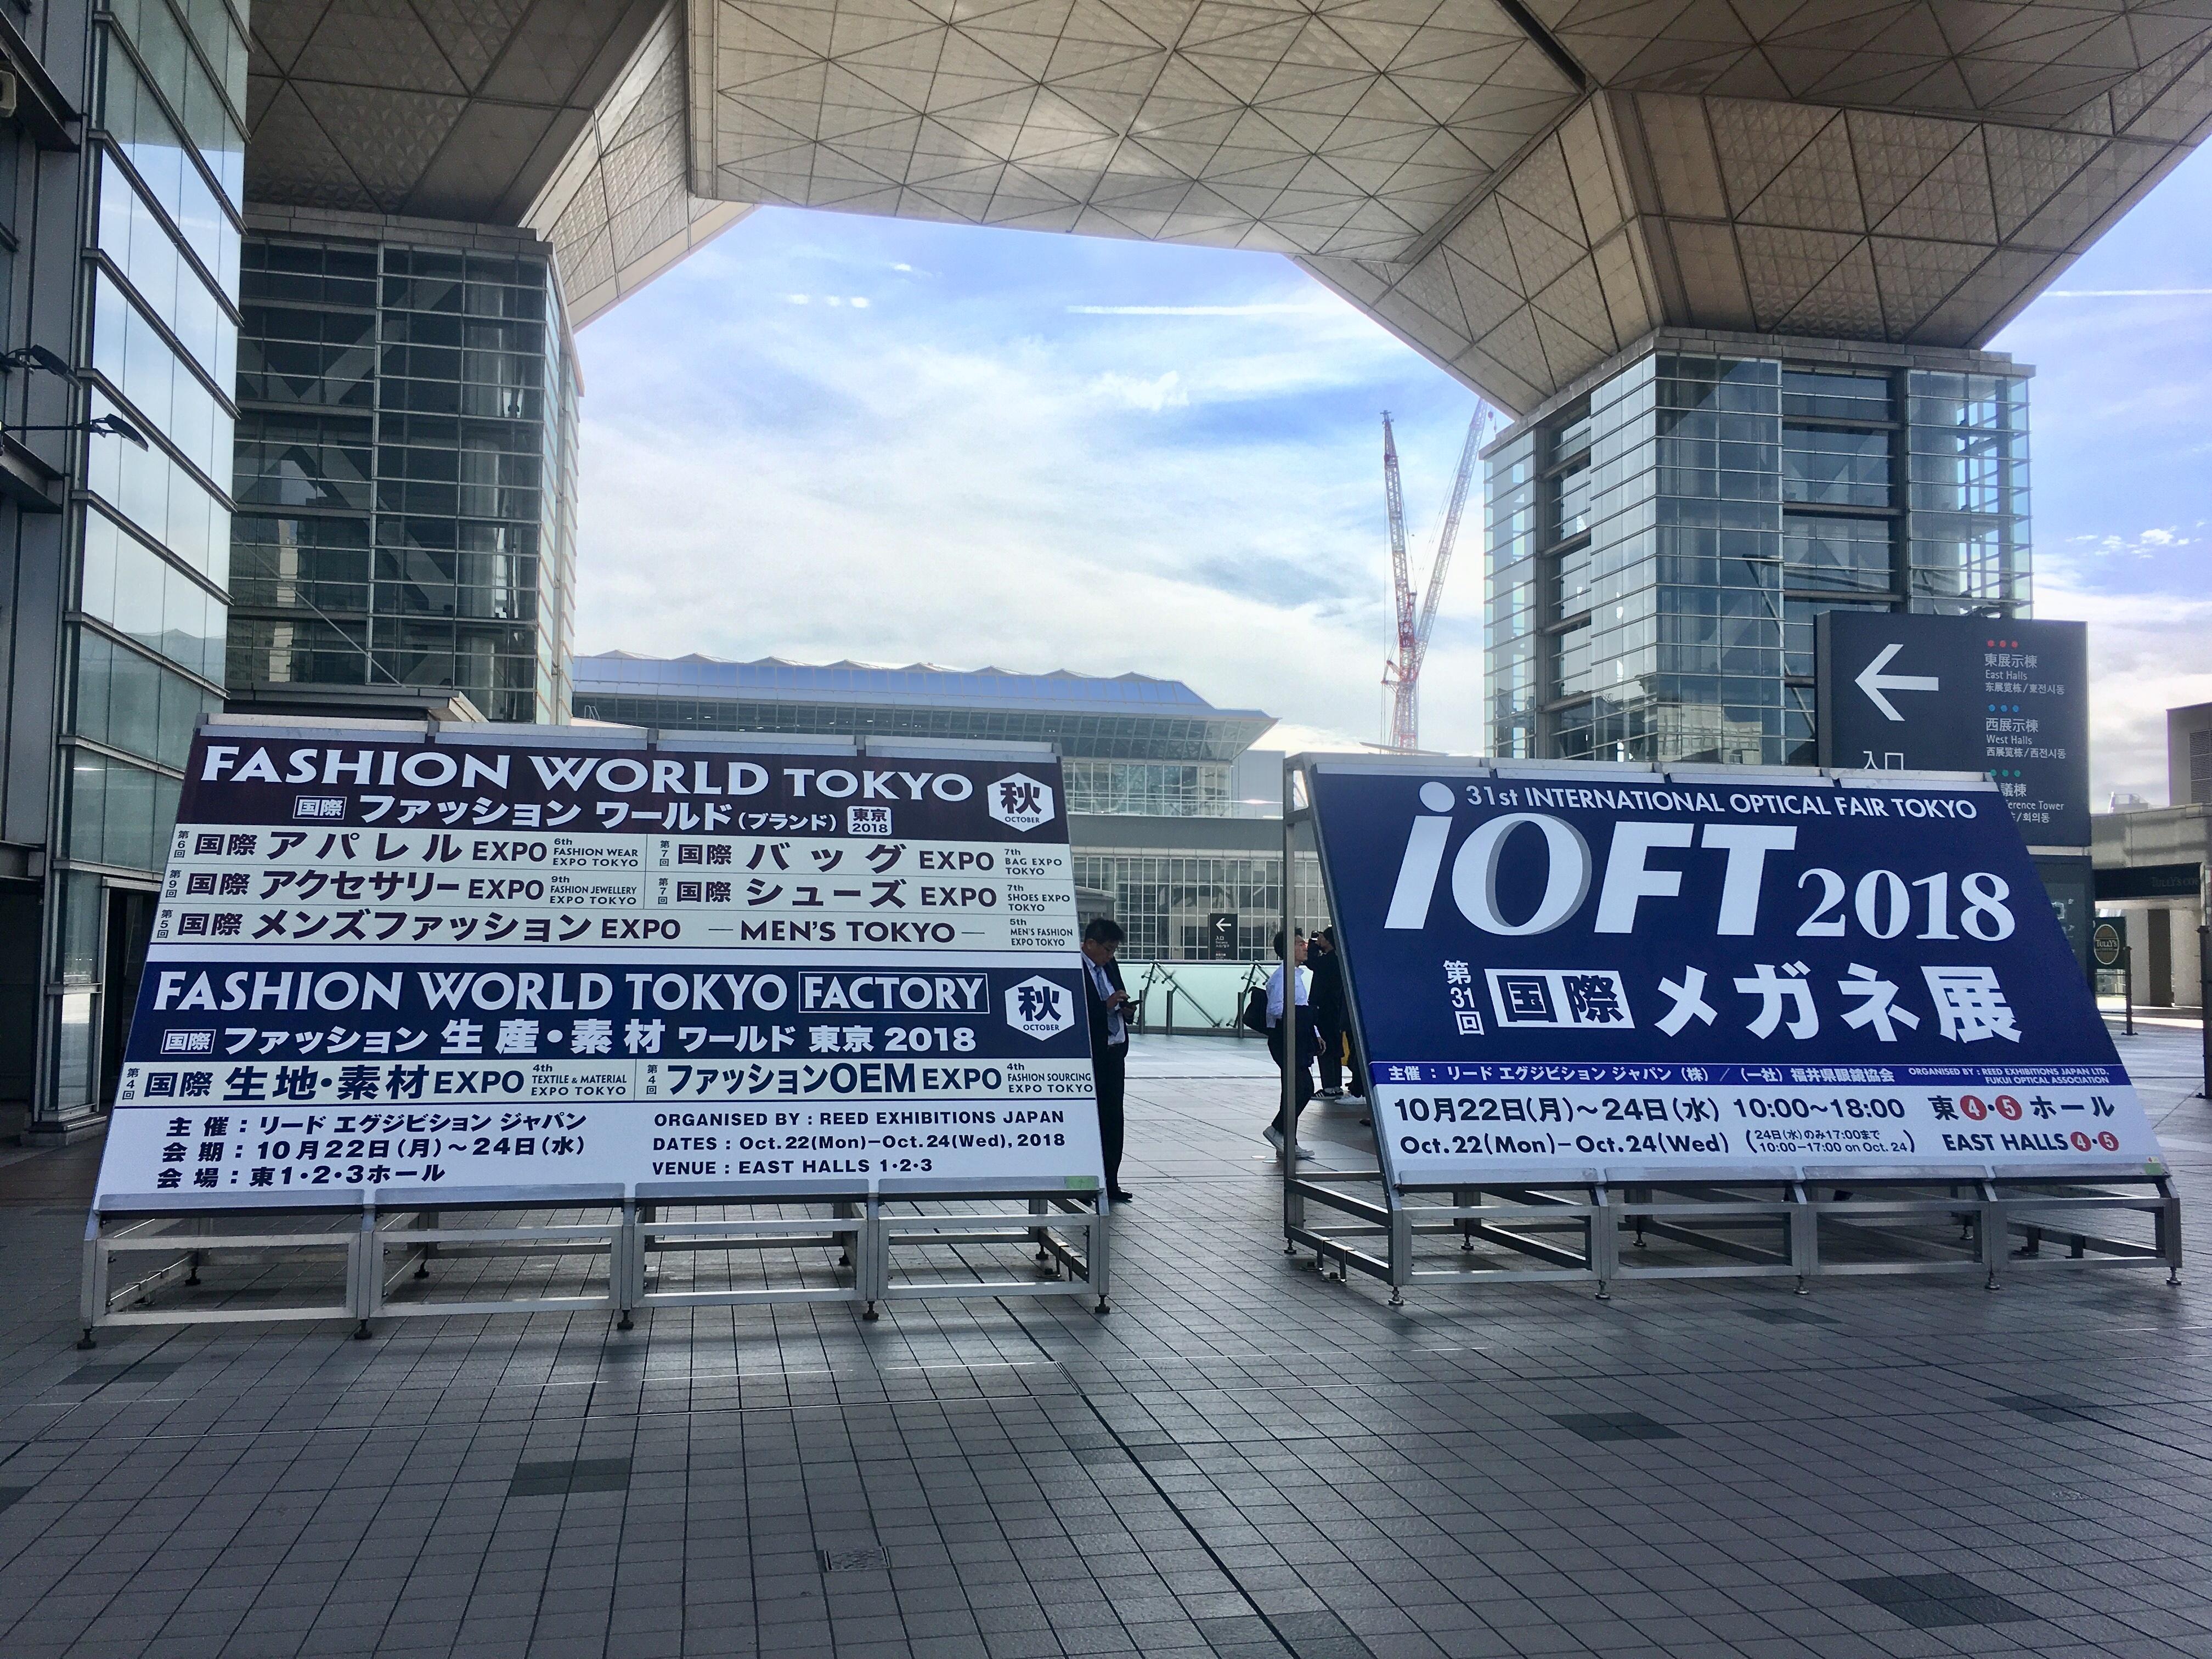 ファッションワールド東京2018セミナーレポート 〜必見、アパレル最新情報と戦略!〜